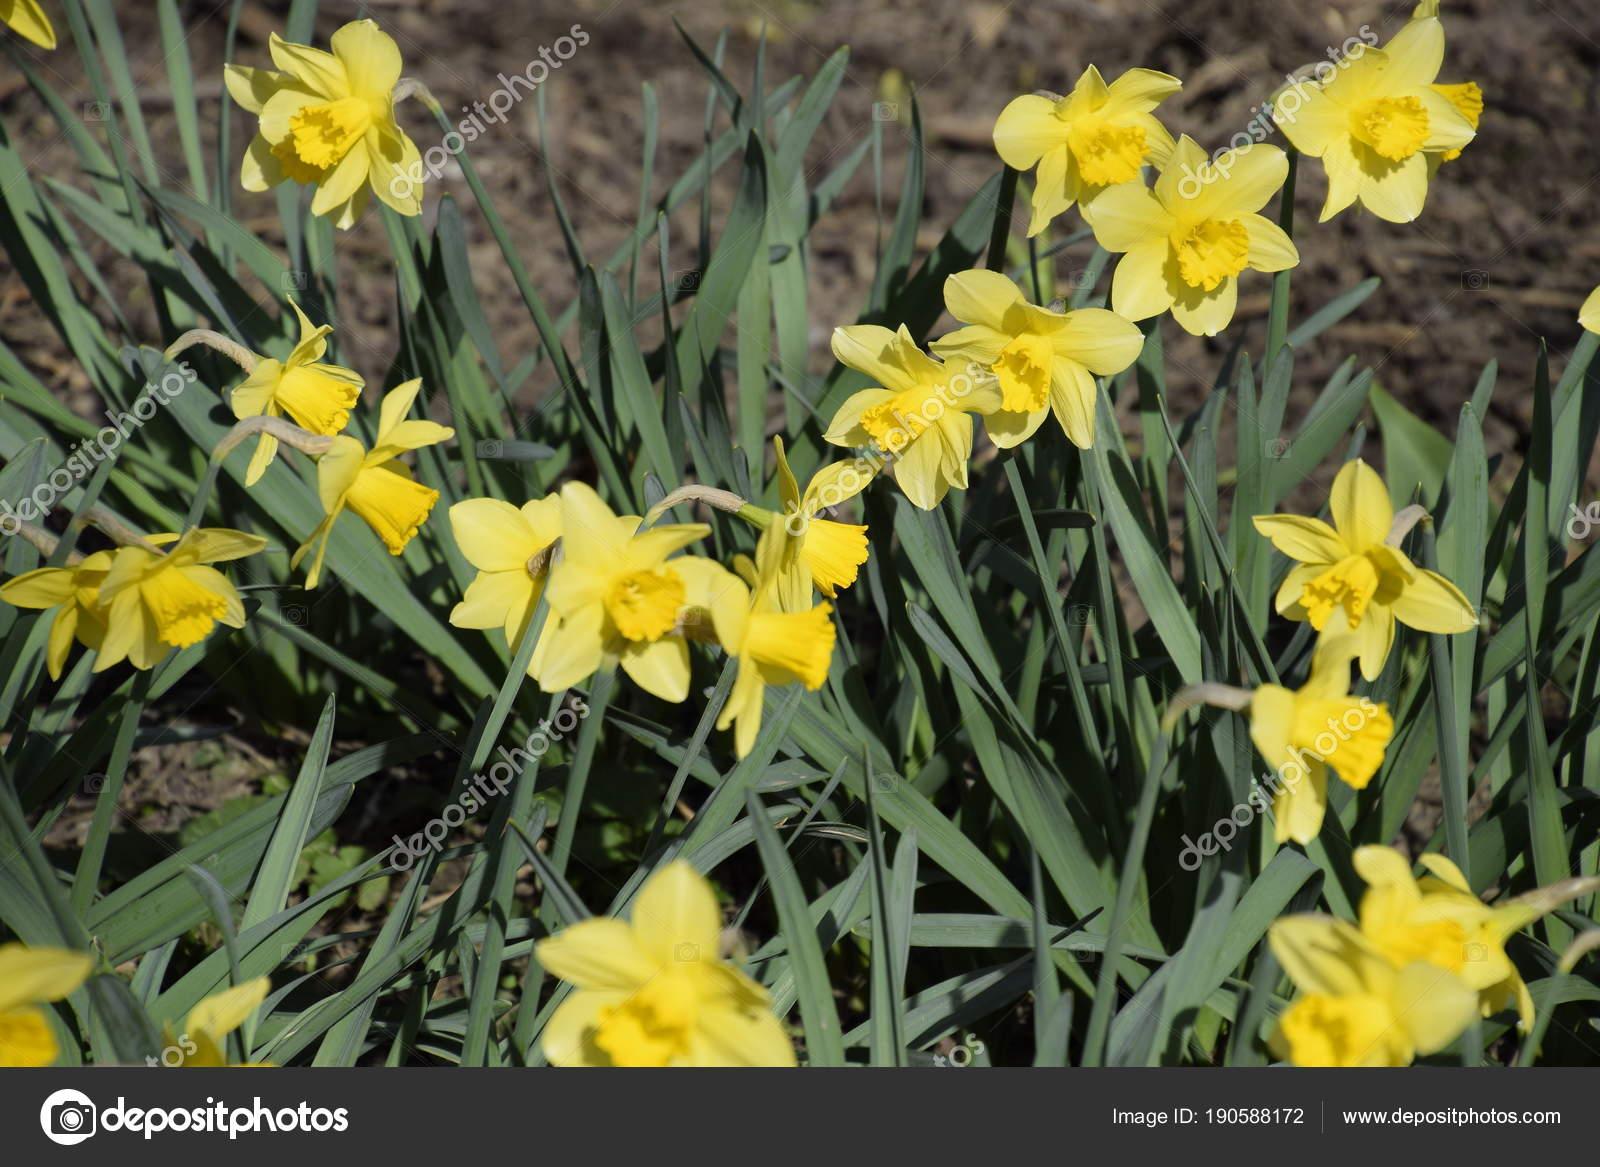 Jonquille Fleurs Jaune Plantes Bulbe Fleurs Printemps Dans Parterre